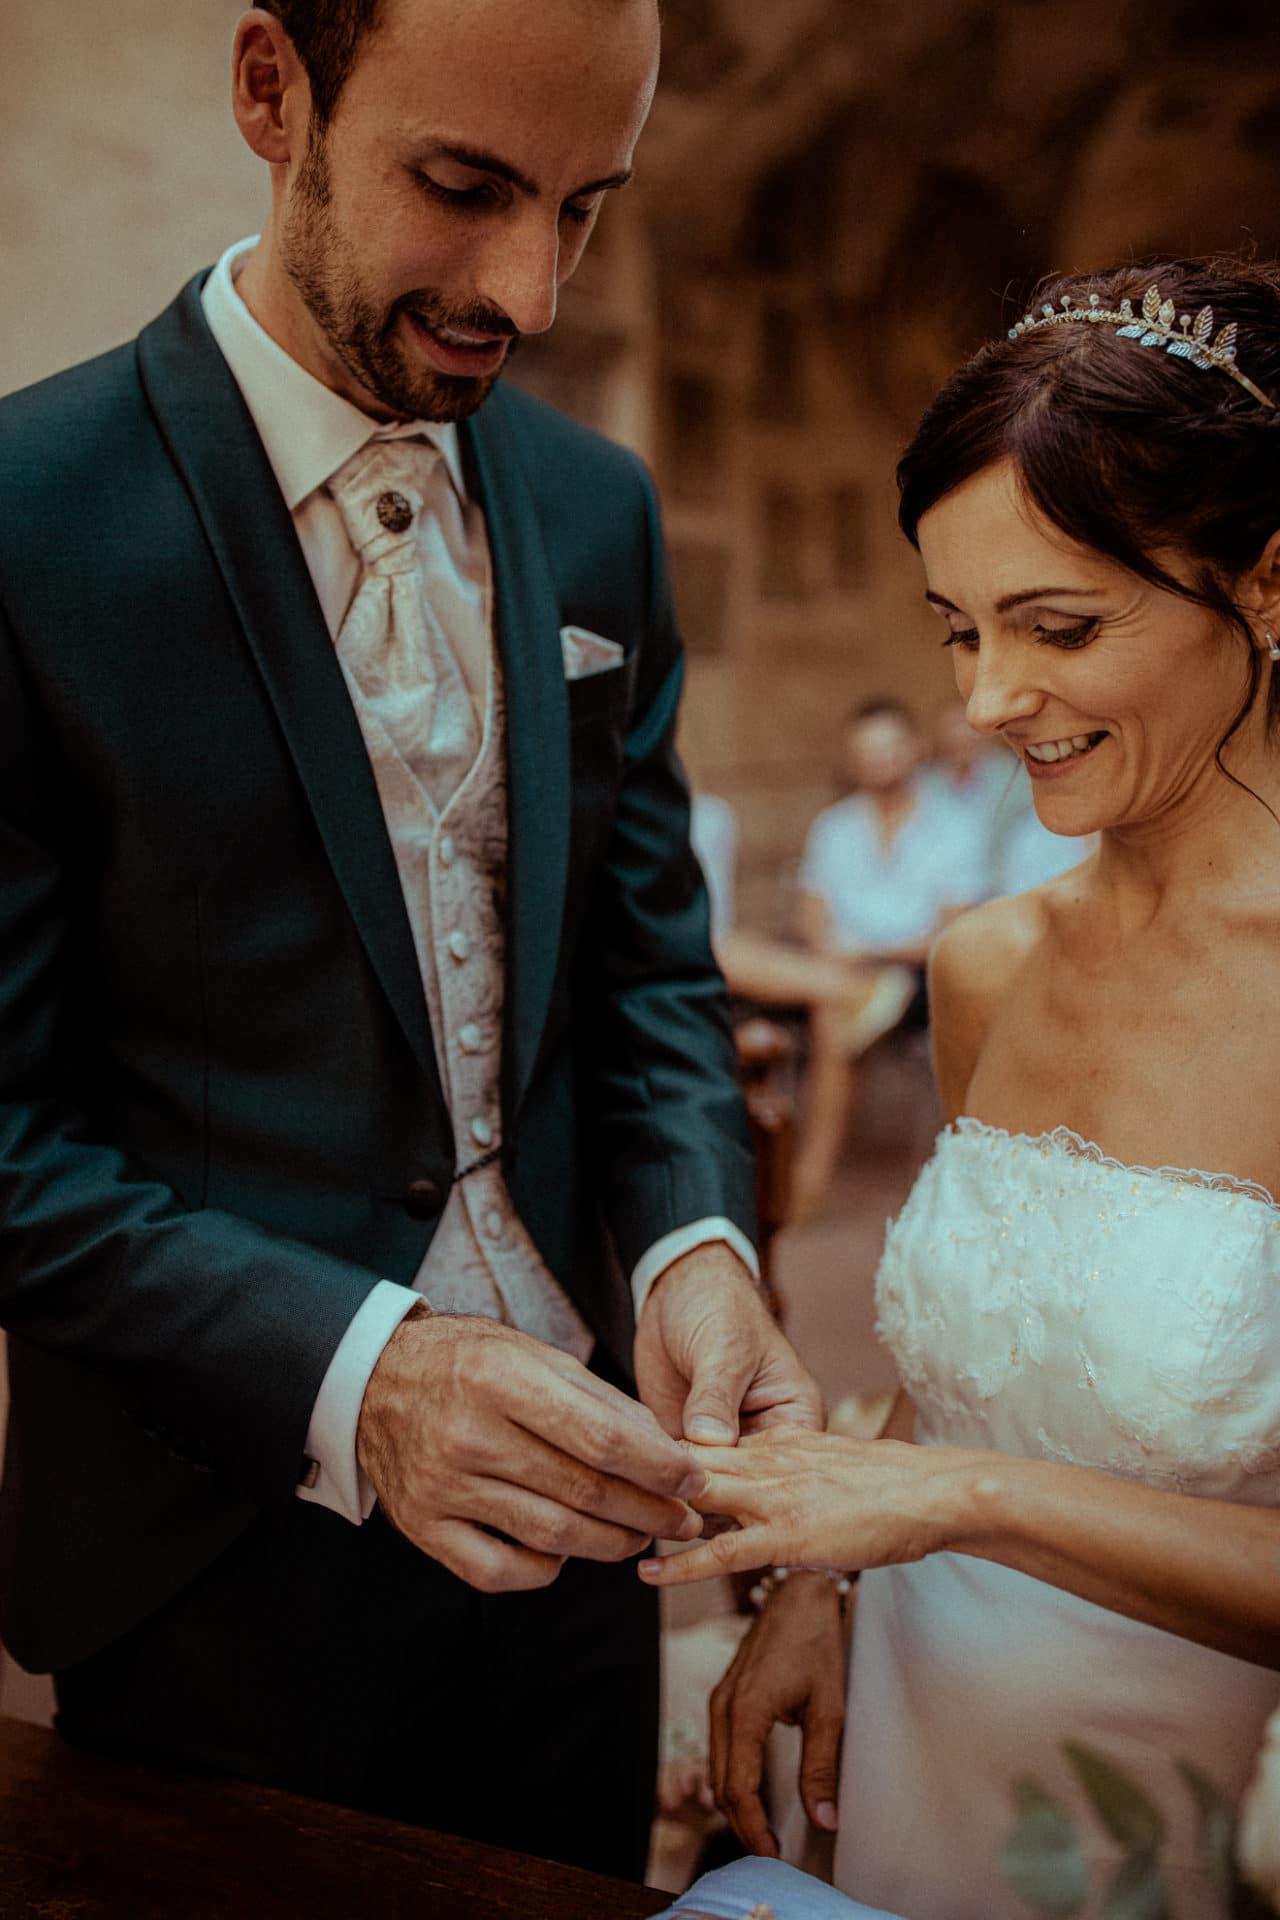 wedding rings bride and groom